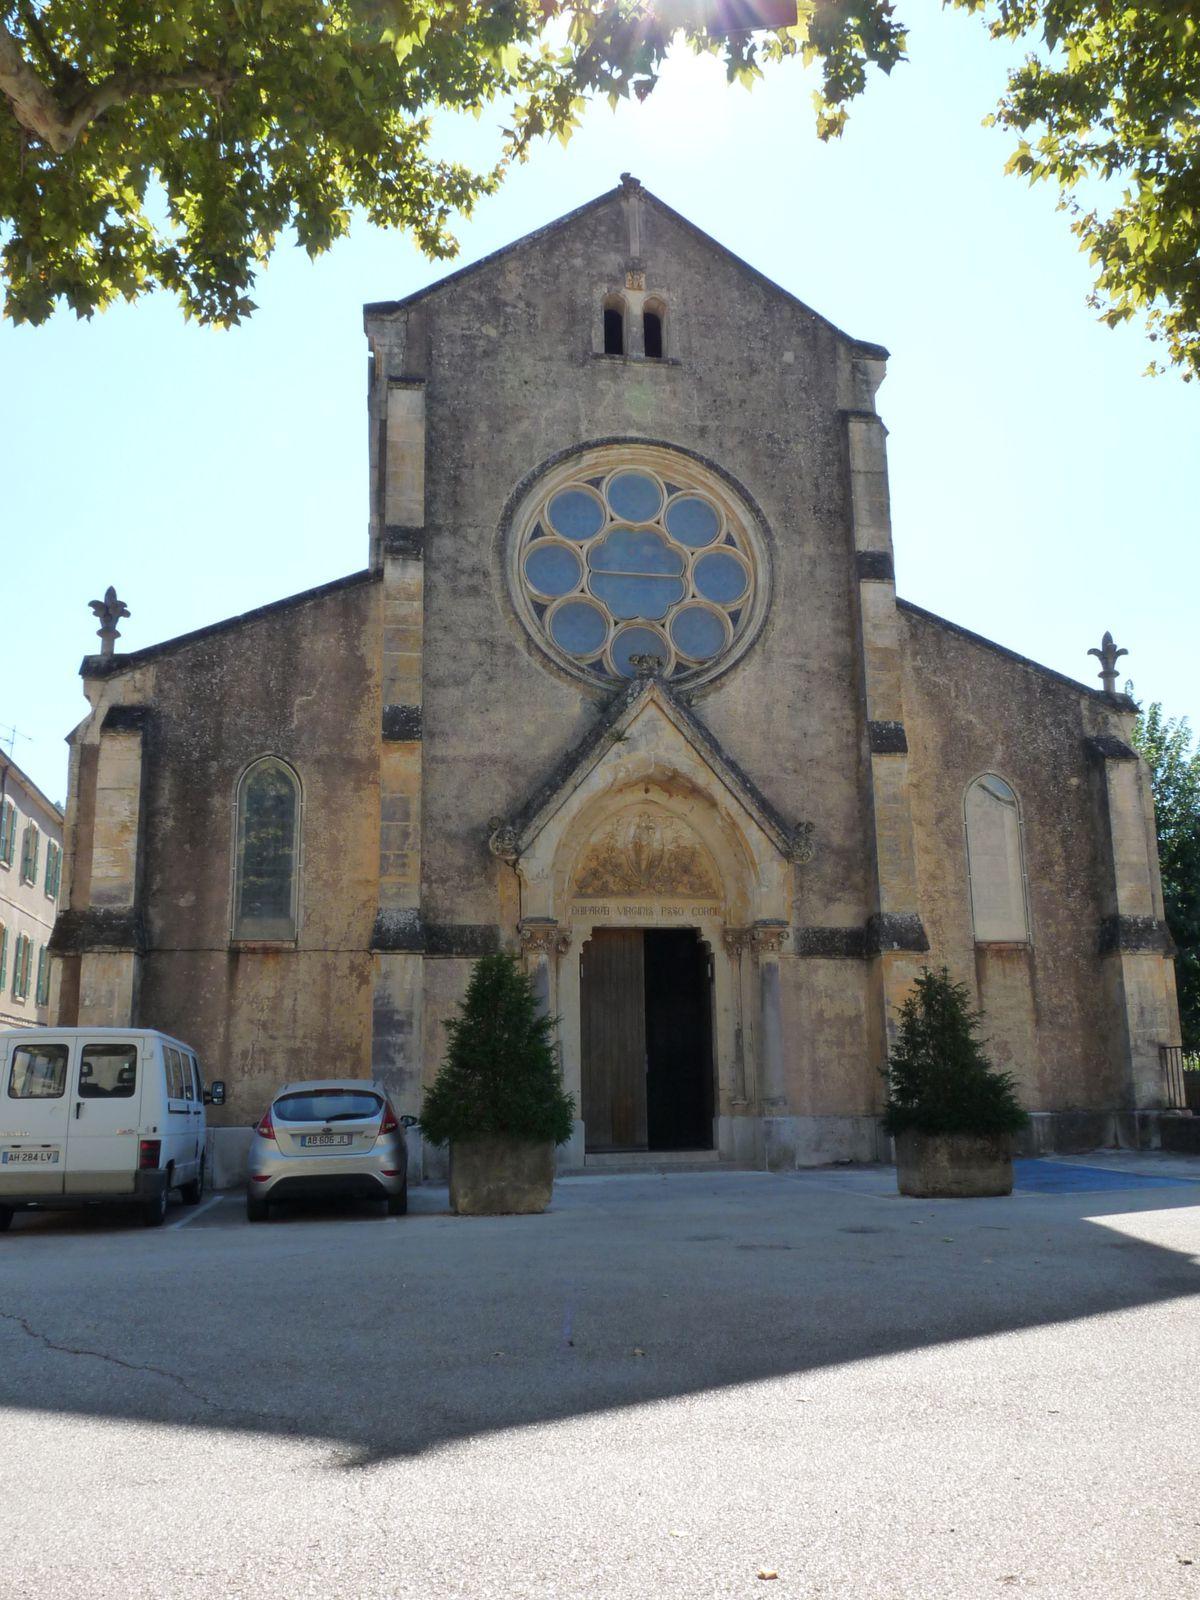 Eglise Notre Dame des Victoires, de style néo-gothique. (1ère pierre en 1873)